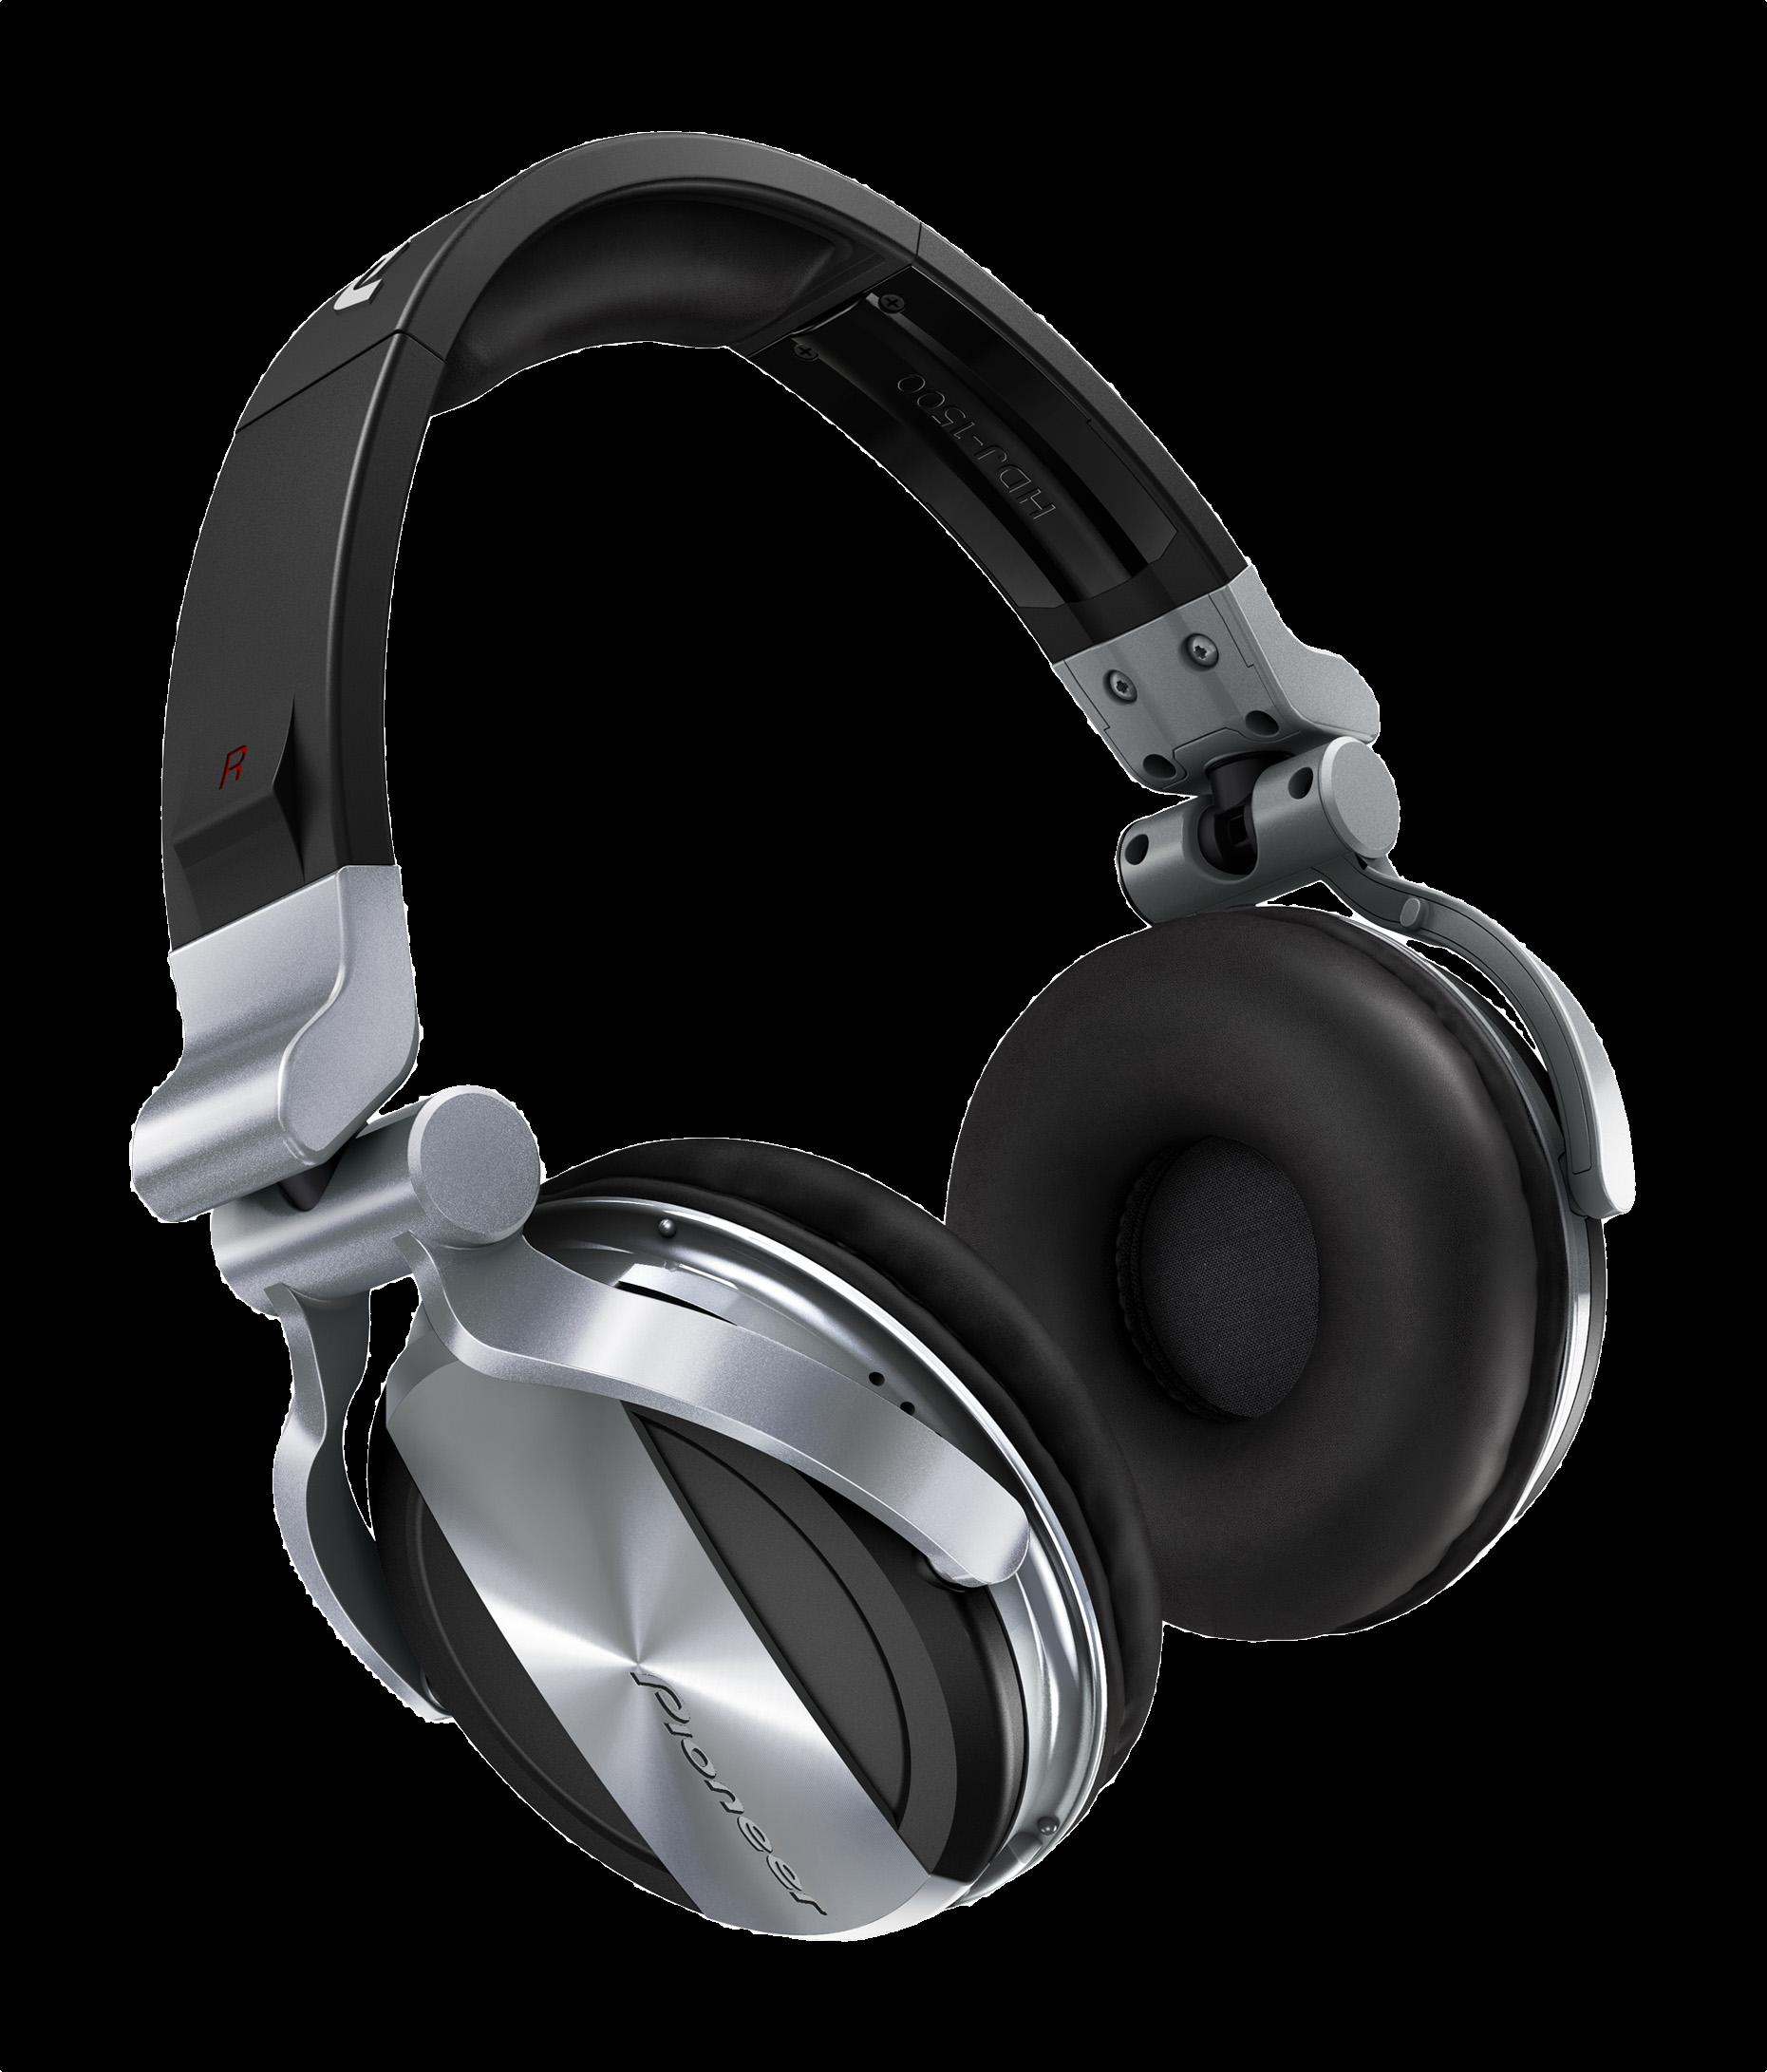 Headphones Png Image Dj Headphones Headphones Music Headphones